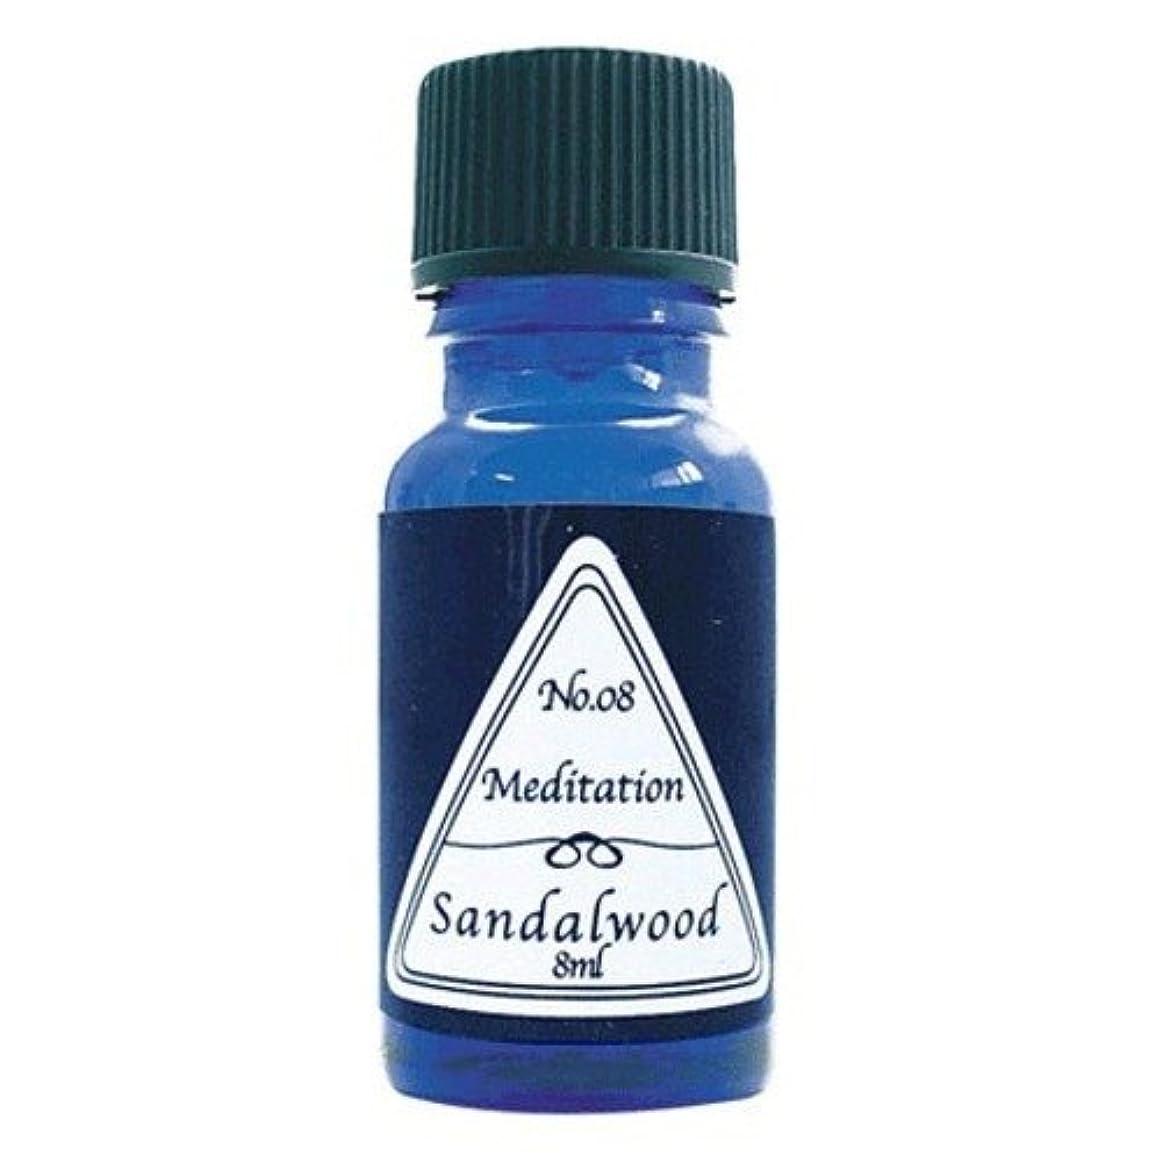 酸っぱい硬い過剰アロマエッセンス ブルーラベル サンダルウッド 8ml